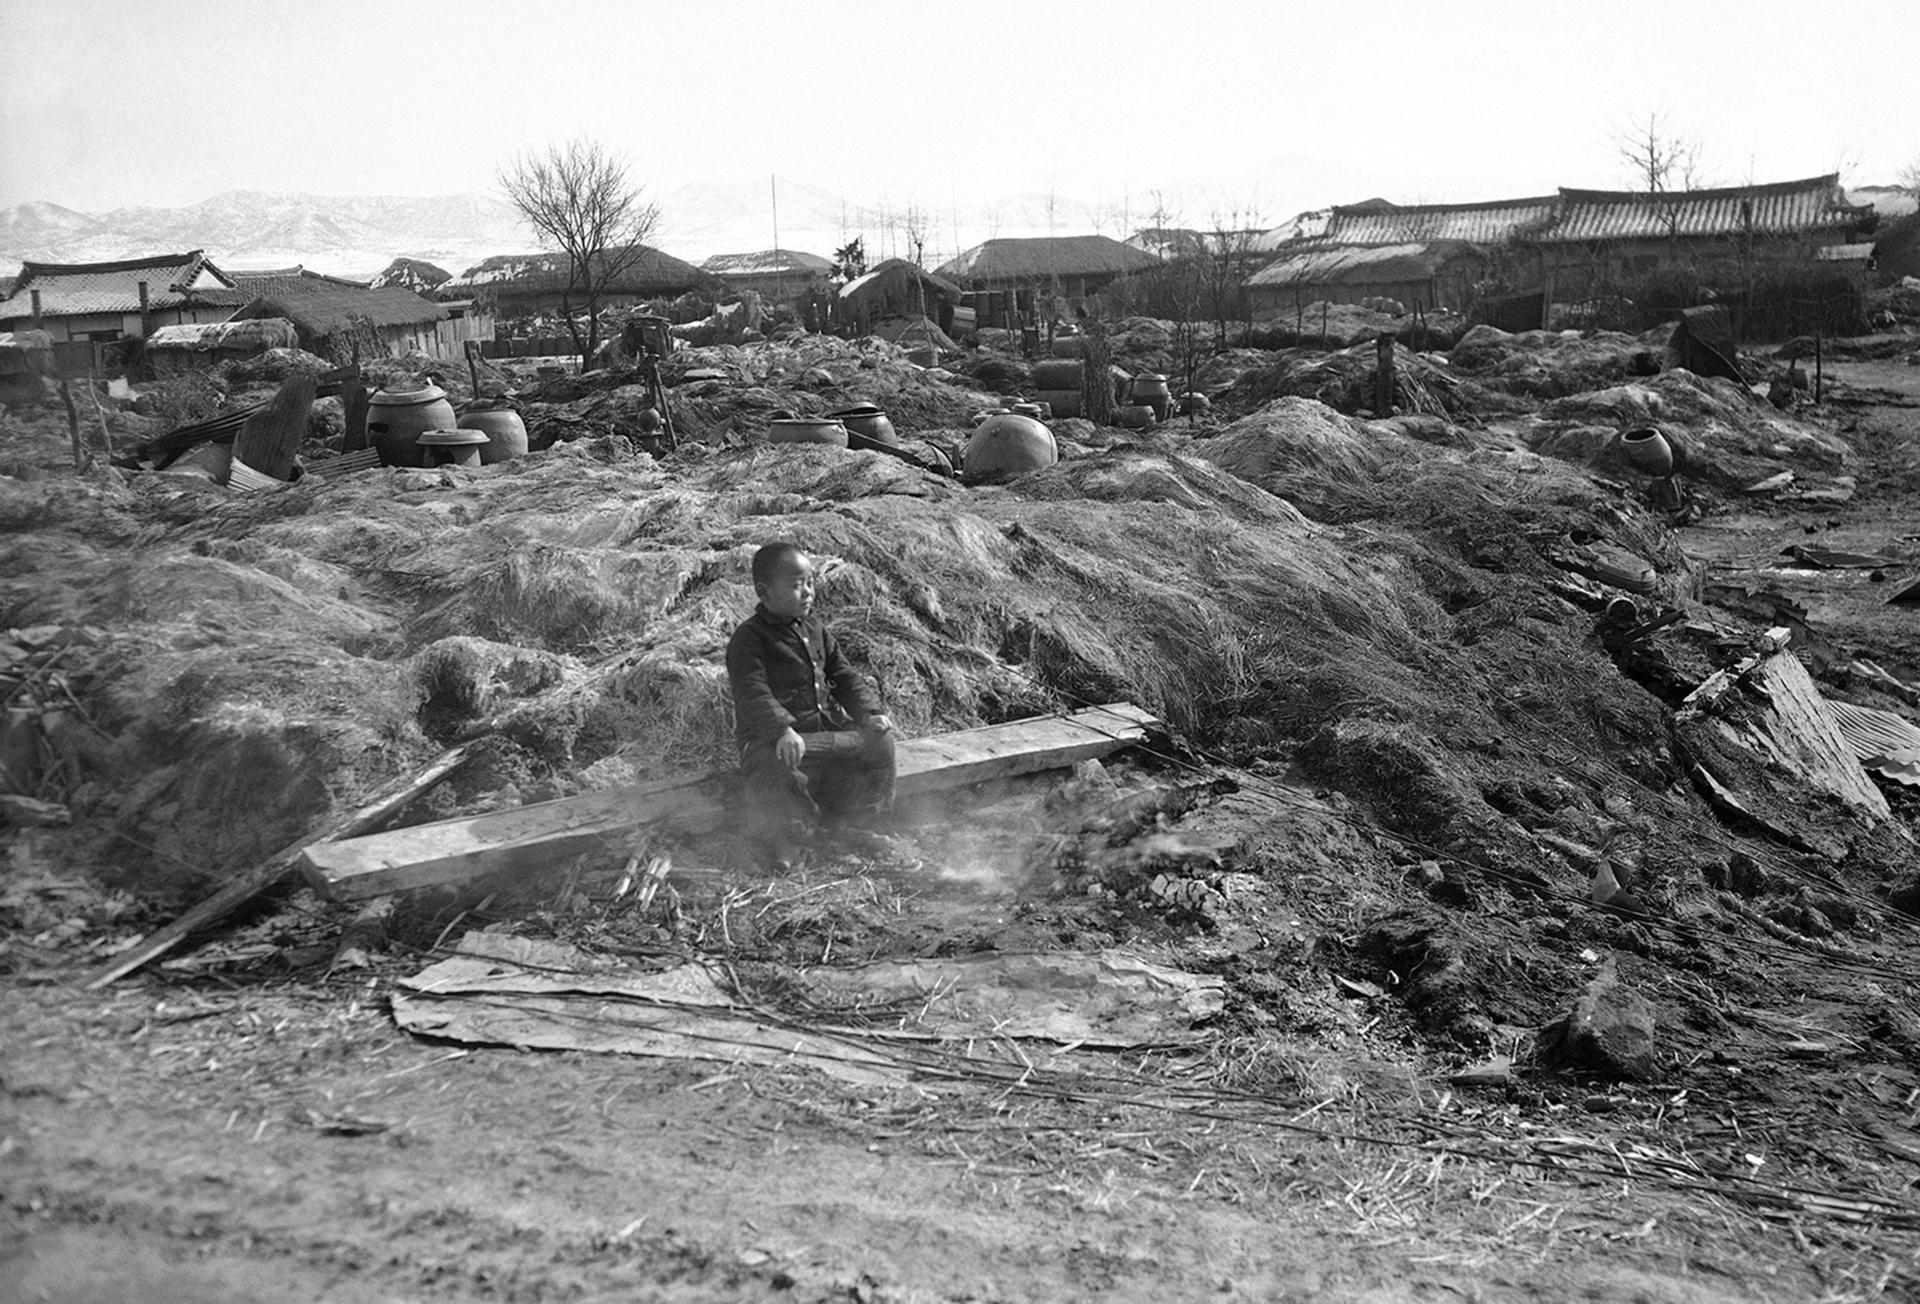 Un niño sentado en las humeantes ruinas de su casa destruida por el fuego en la zona de Suwon el 3 de febrero de 1951, cuando las tropas aliadas quemaron viviendas que podrían proporcionar refugio a las tropas rojas (AP)